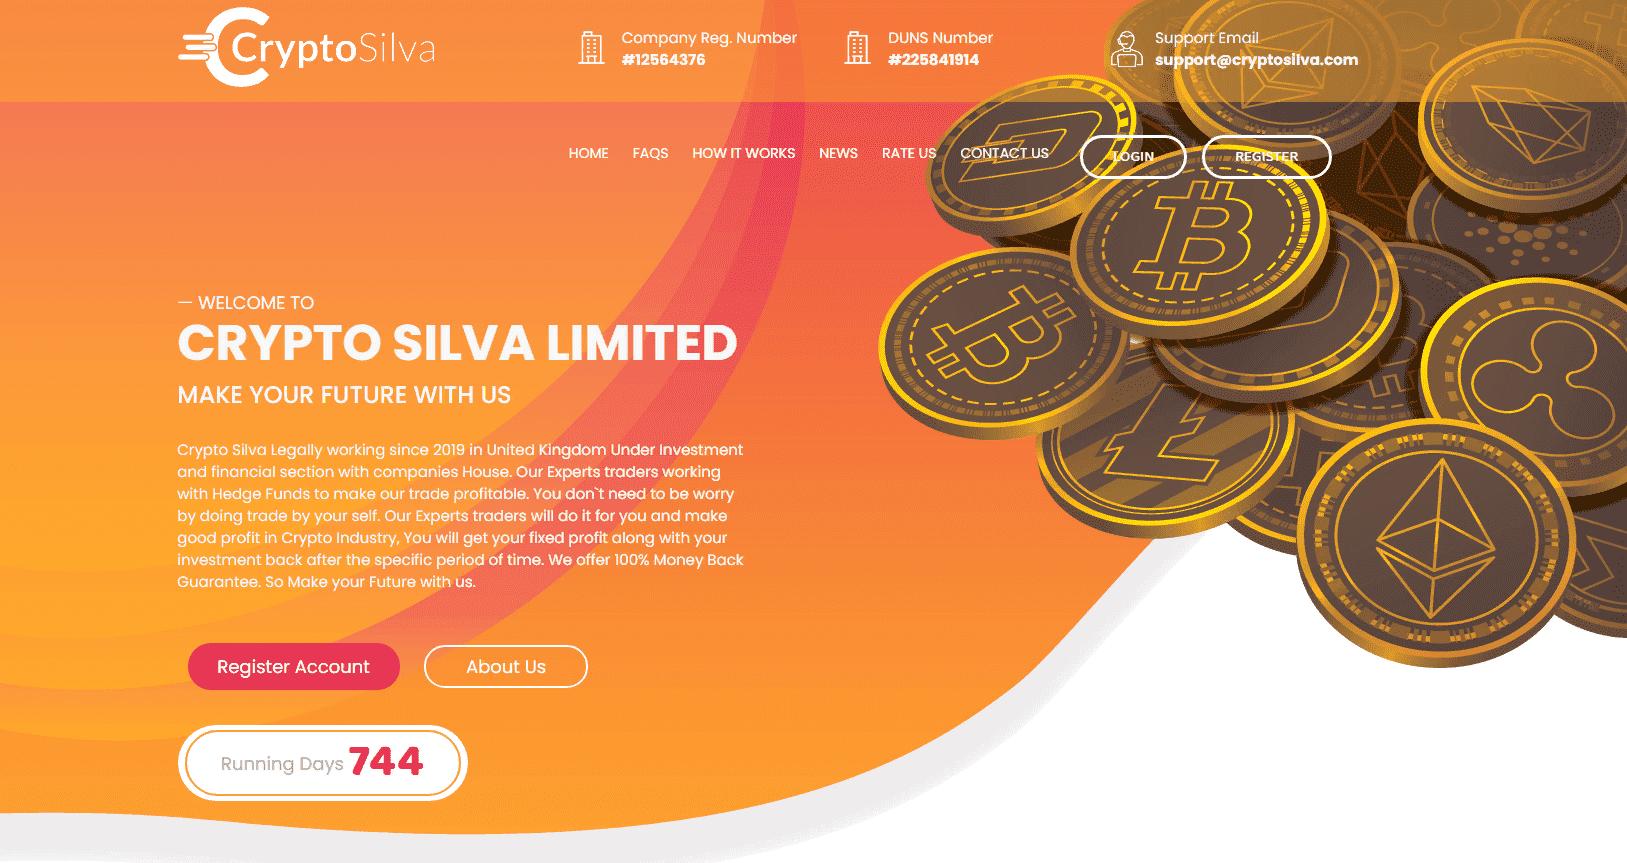 Crypto Silva Limited